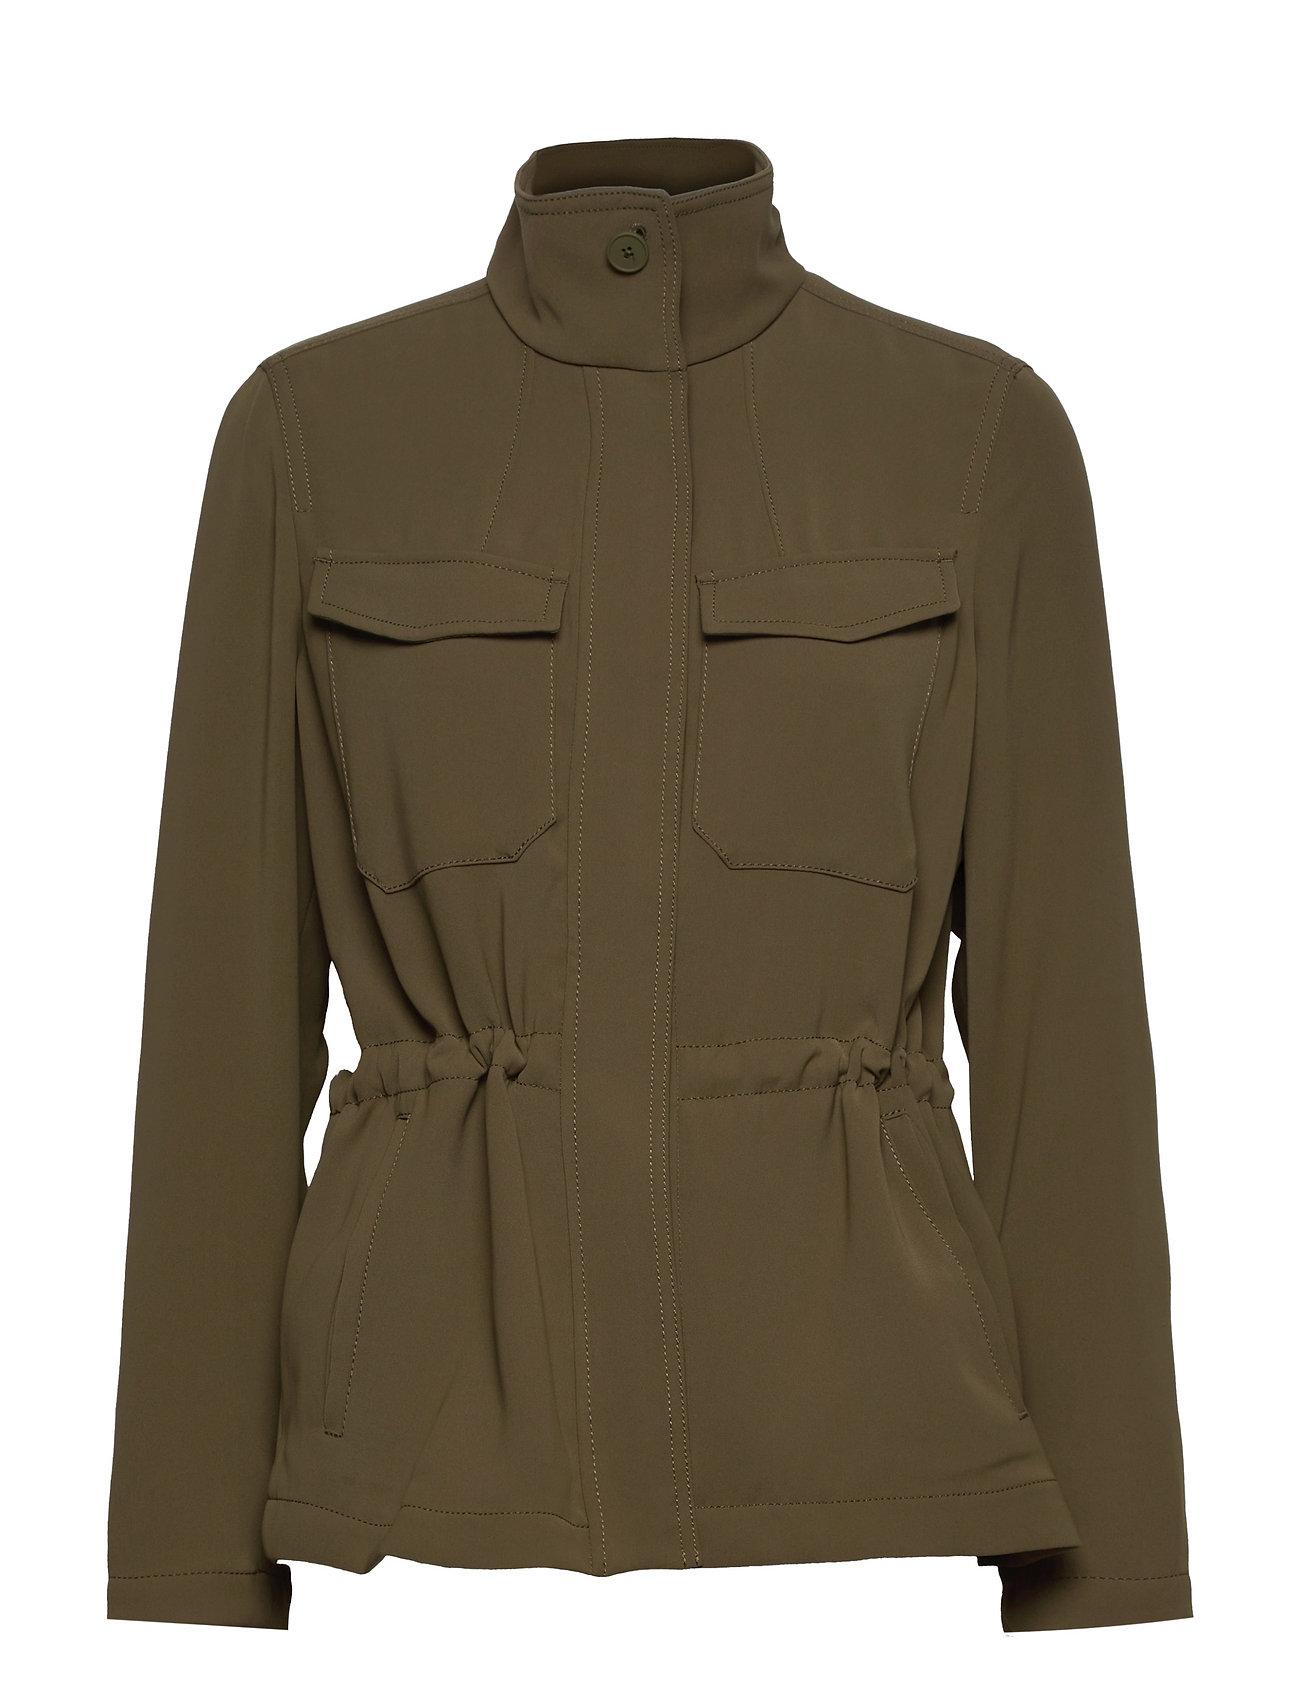 Image of Lightweight Field Jacket Outerwear Jackets Utility Jackets Grøn Banana Republic (3534188845)